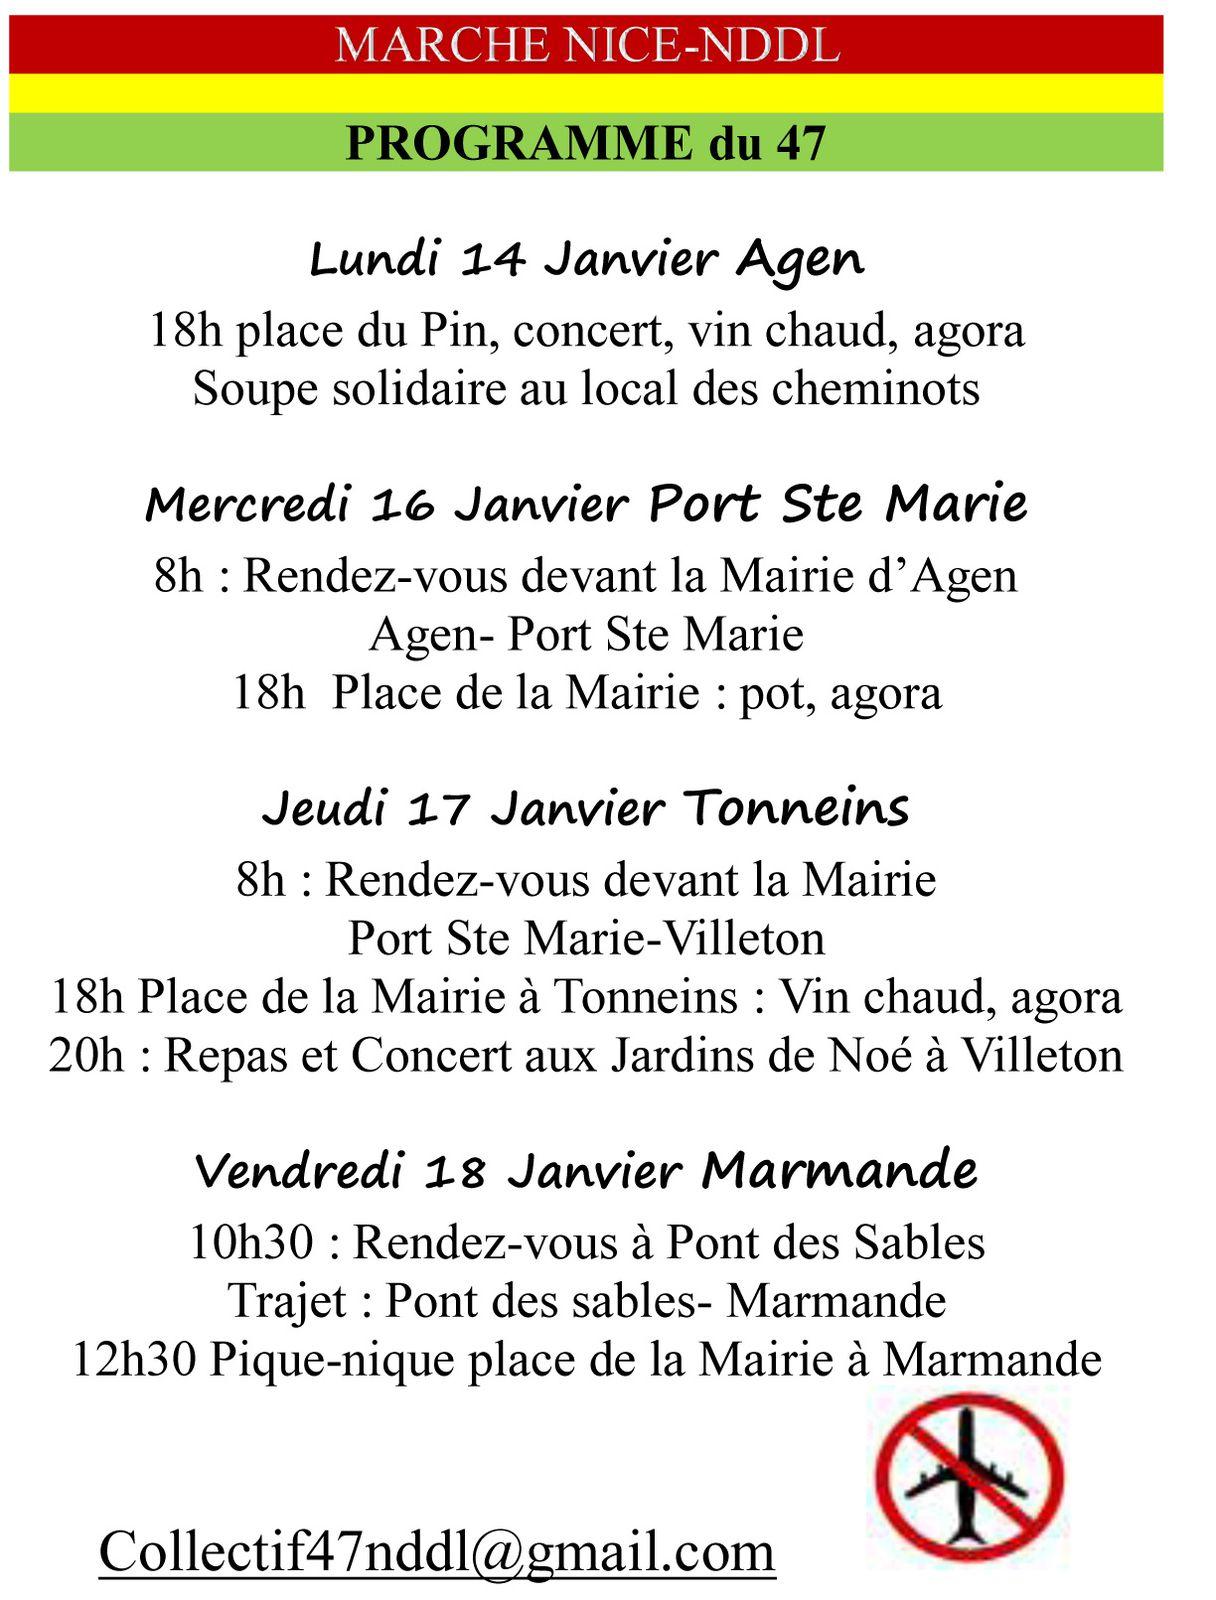 Programme du 14 au 18 janvier : Agen - Port sainte Marie - Tonneins - Marmande